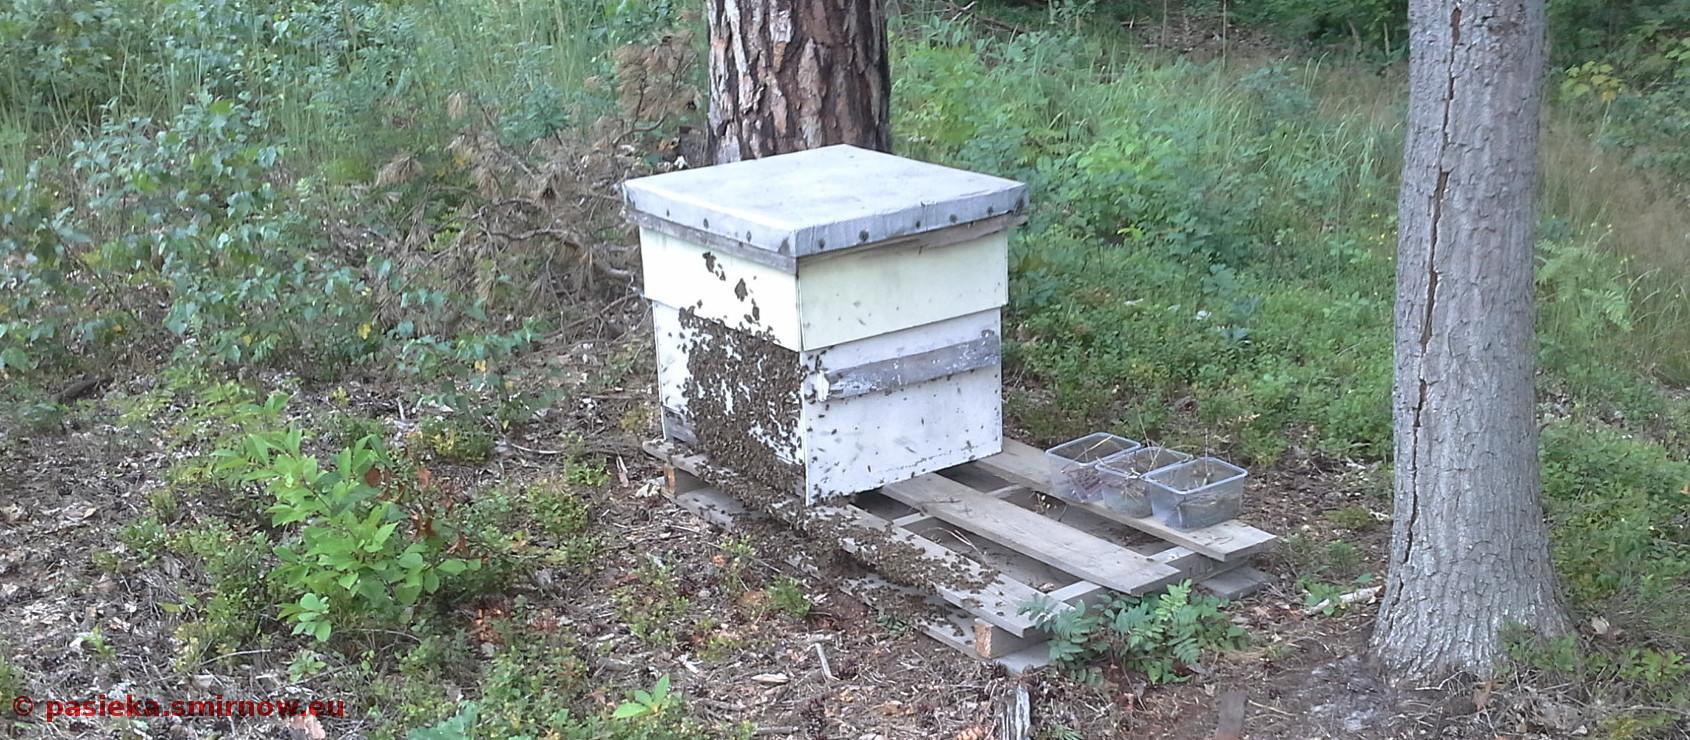 Rozsypane pszczoły dążą do nowego ula